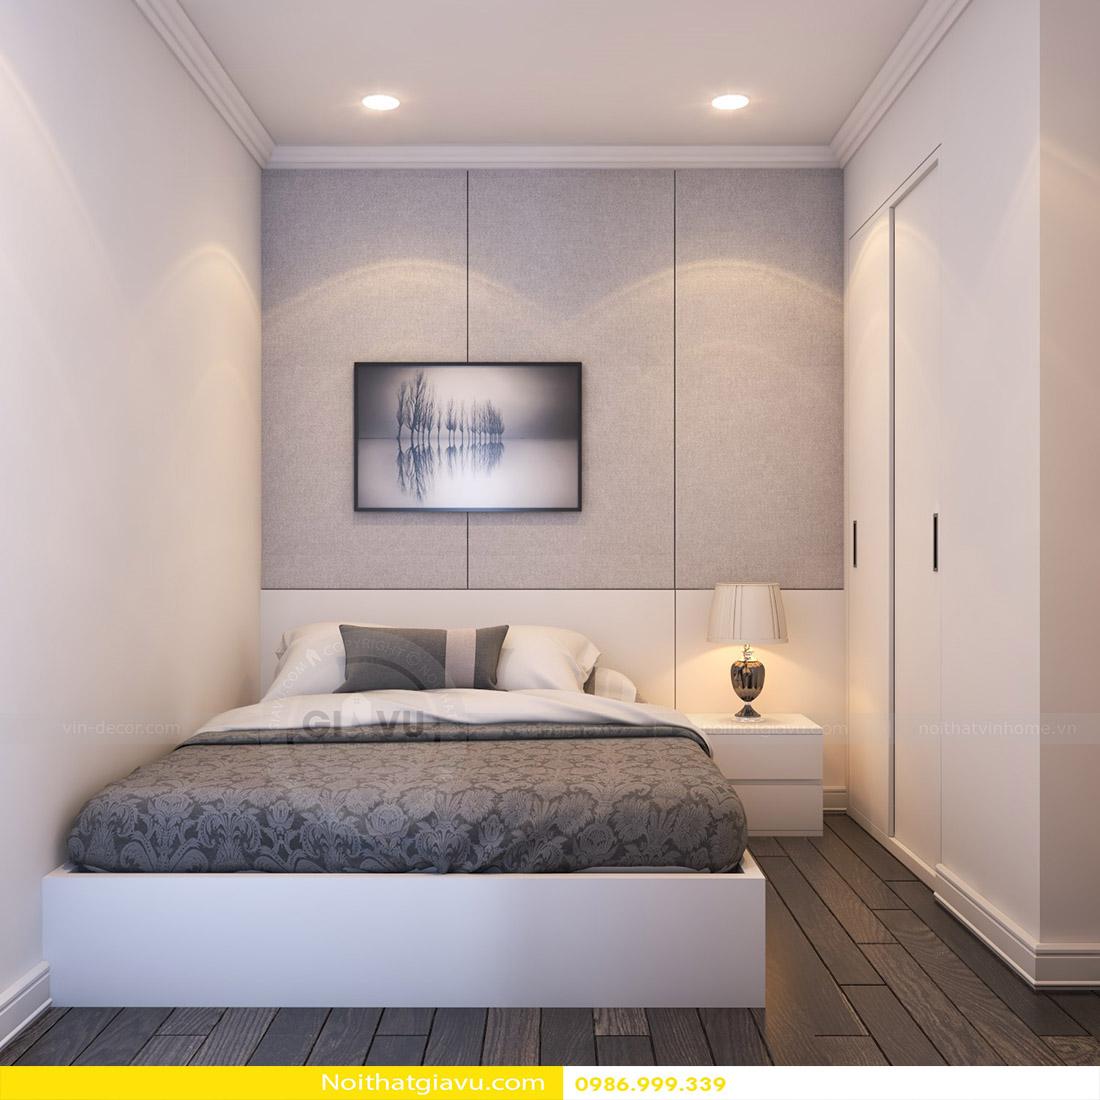 thiết kế nội thất chung cư Vinhomes Green Bay 08